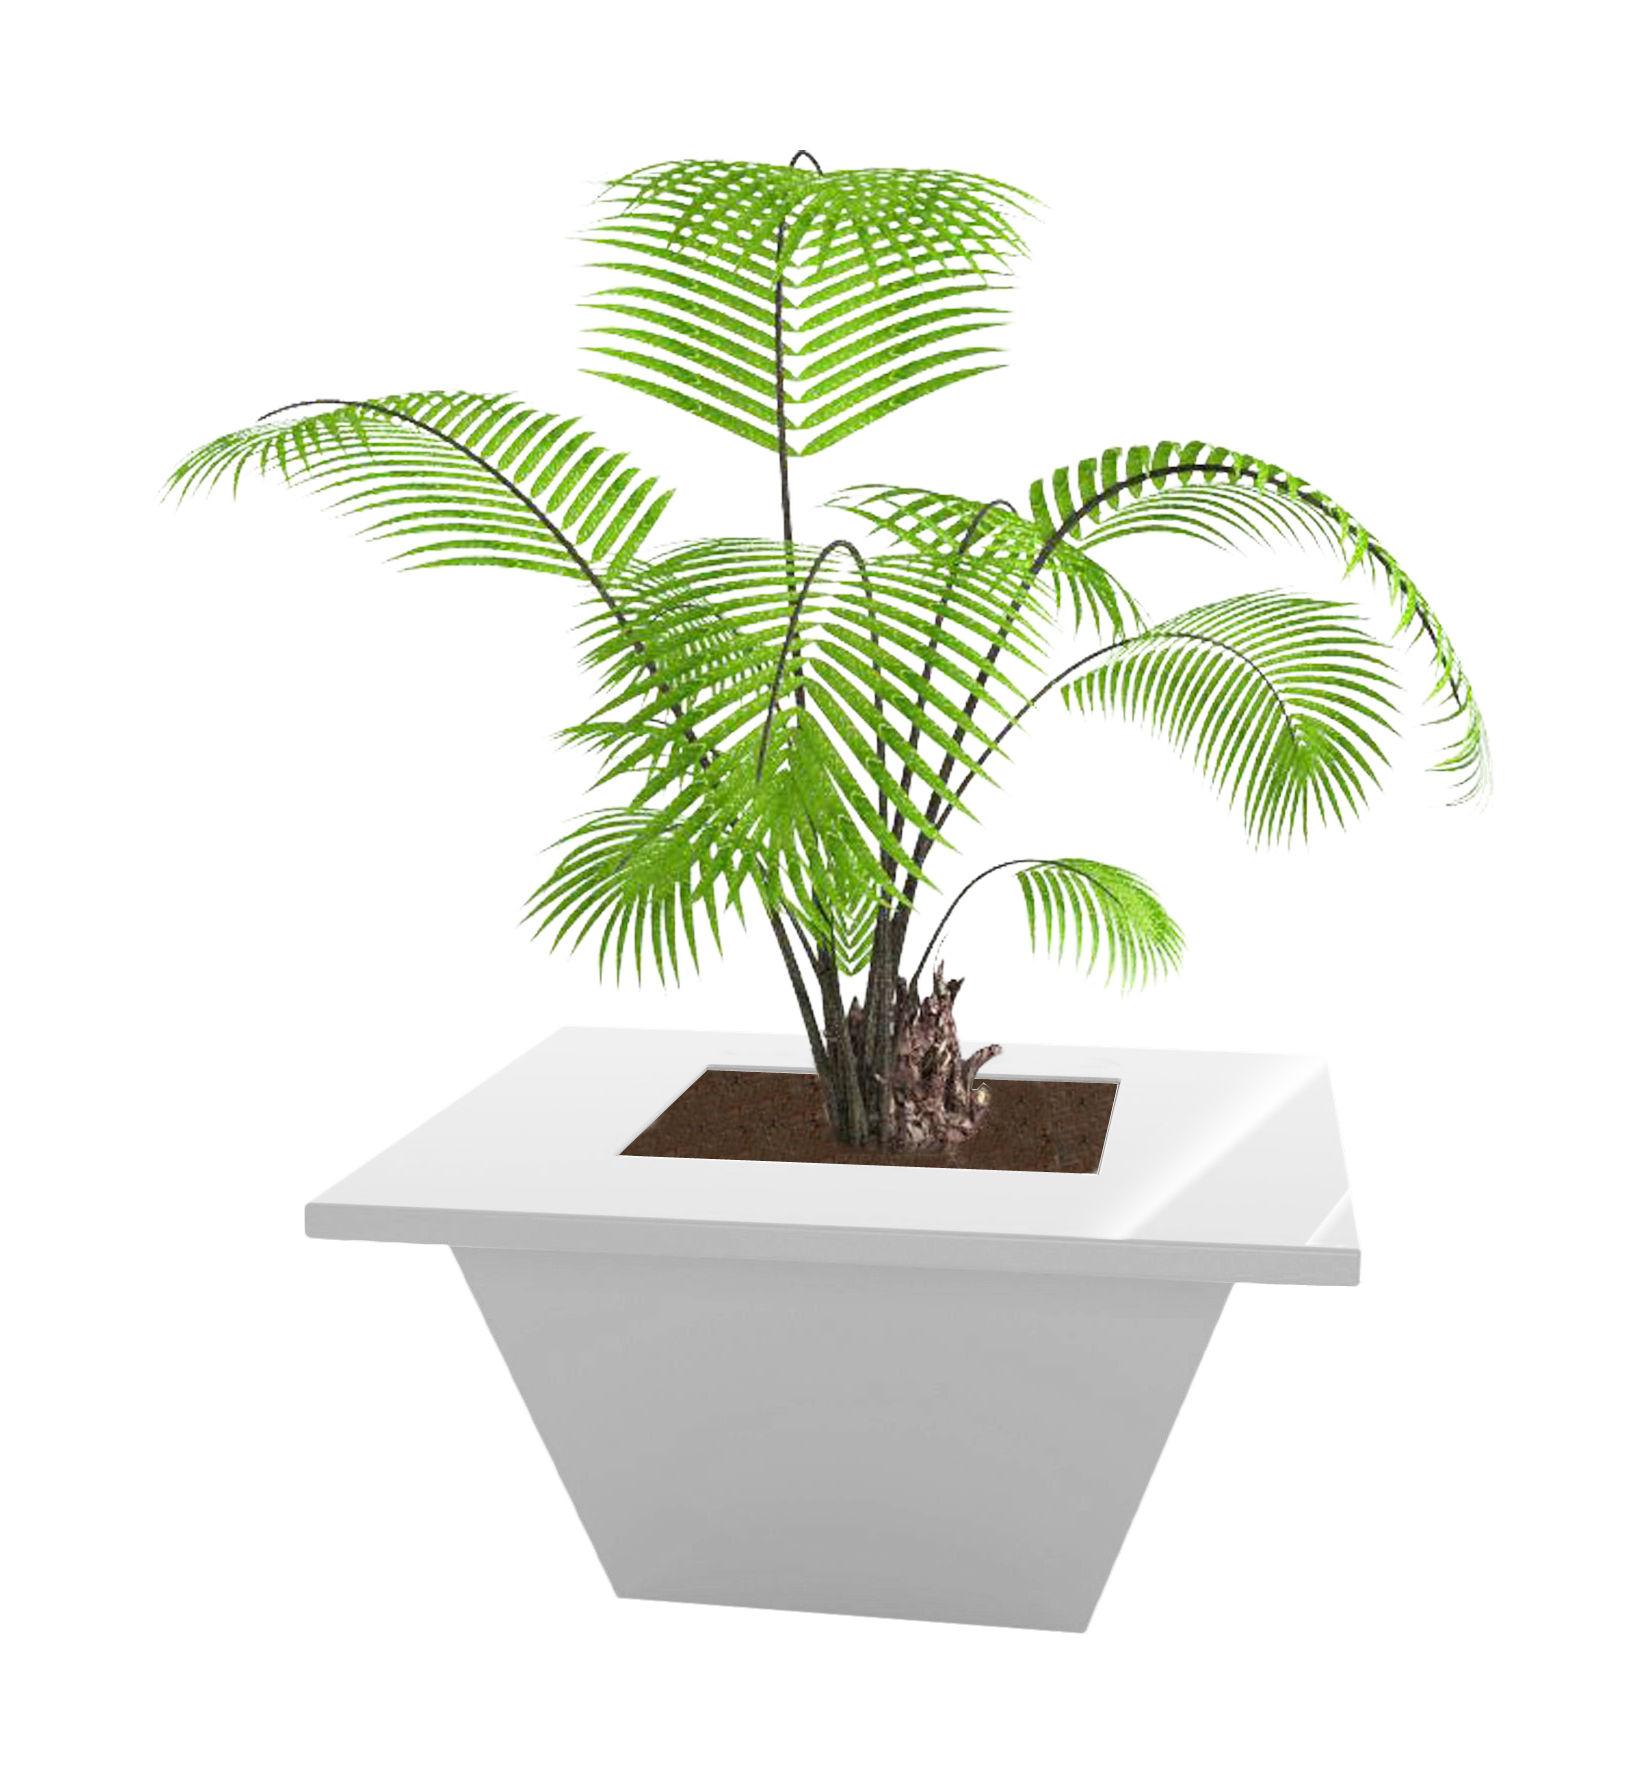 Outdoor - Töpfe und Pflanzen - Bench Blumentopf 80 x 80 cm - lackiert - Slide - Weiß lackiert - lackiertes Polyäthylen